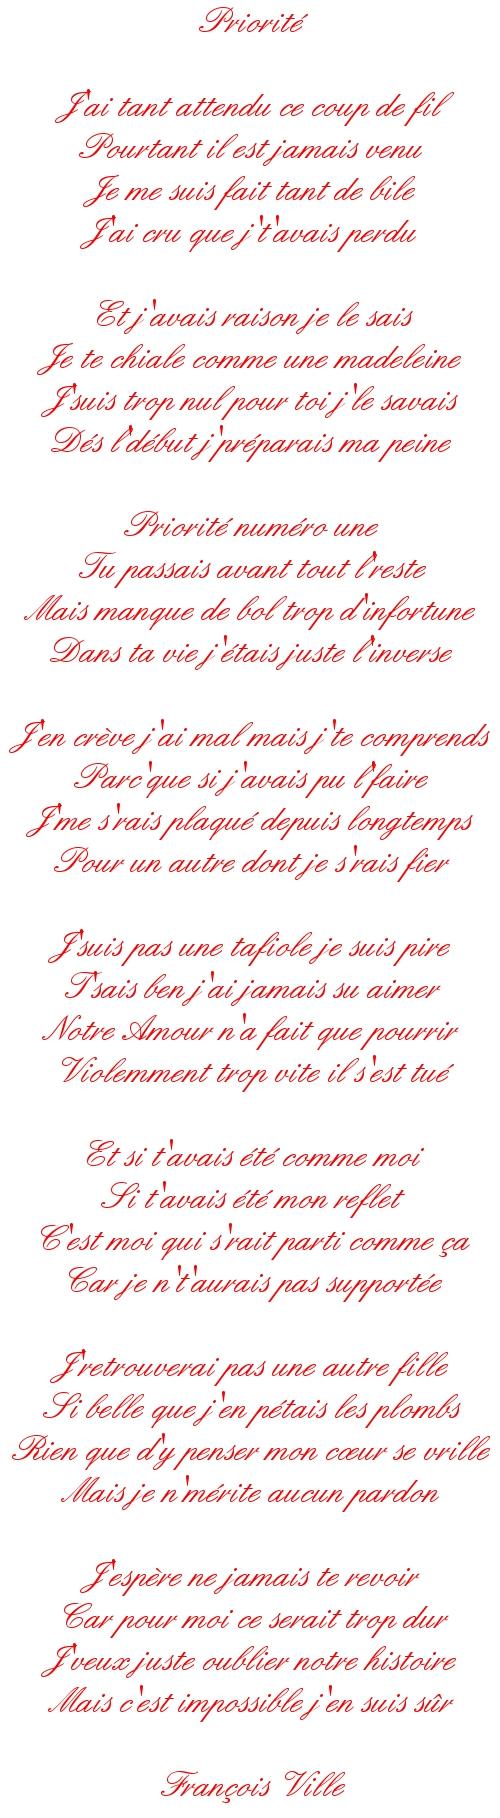 http://francoisville.free.fr/photos/priorite%20-%20francois%20ville.jpg